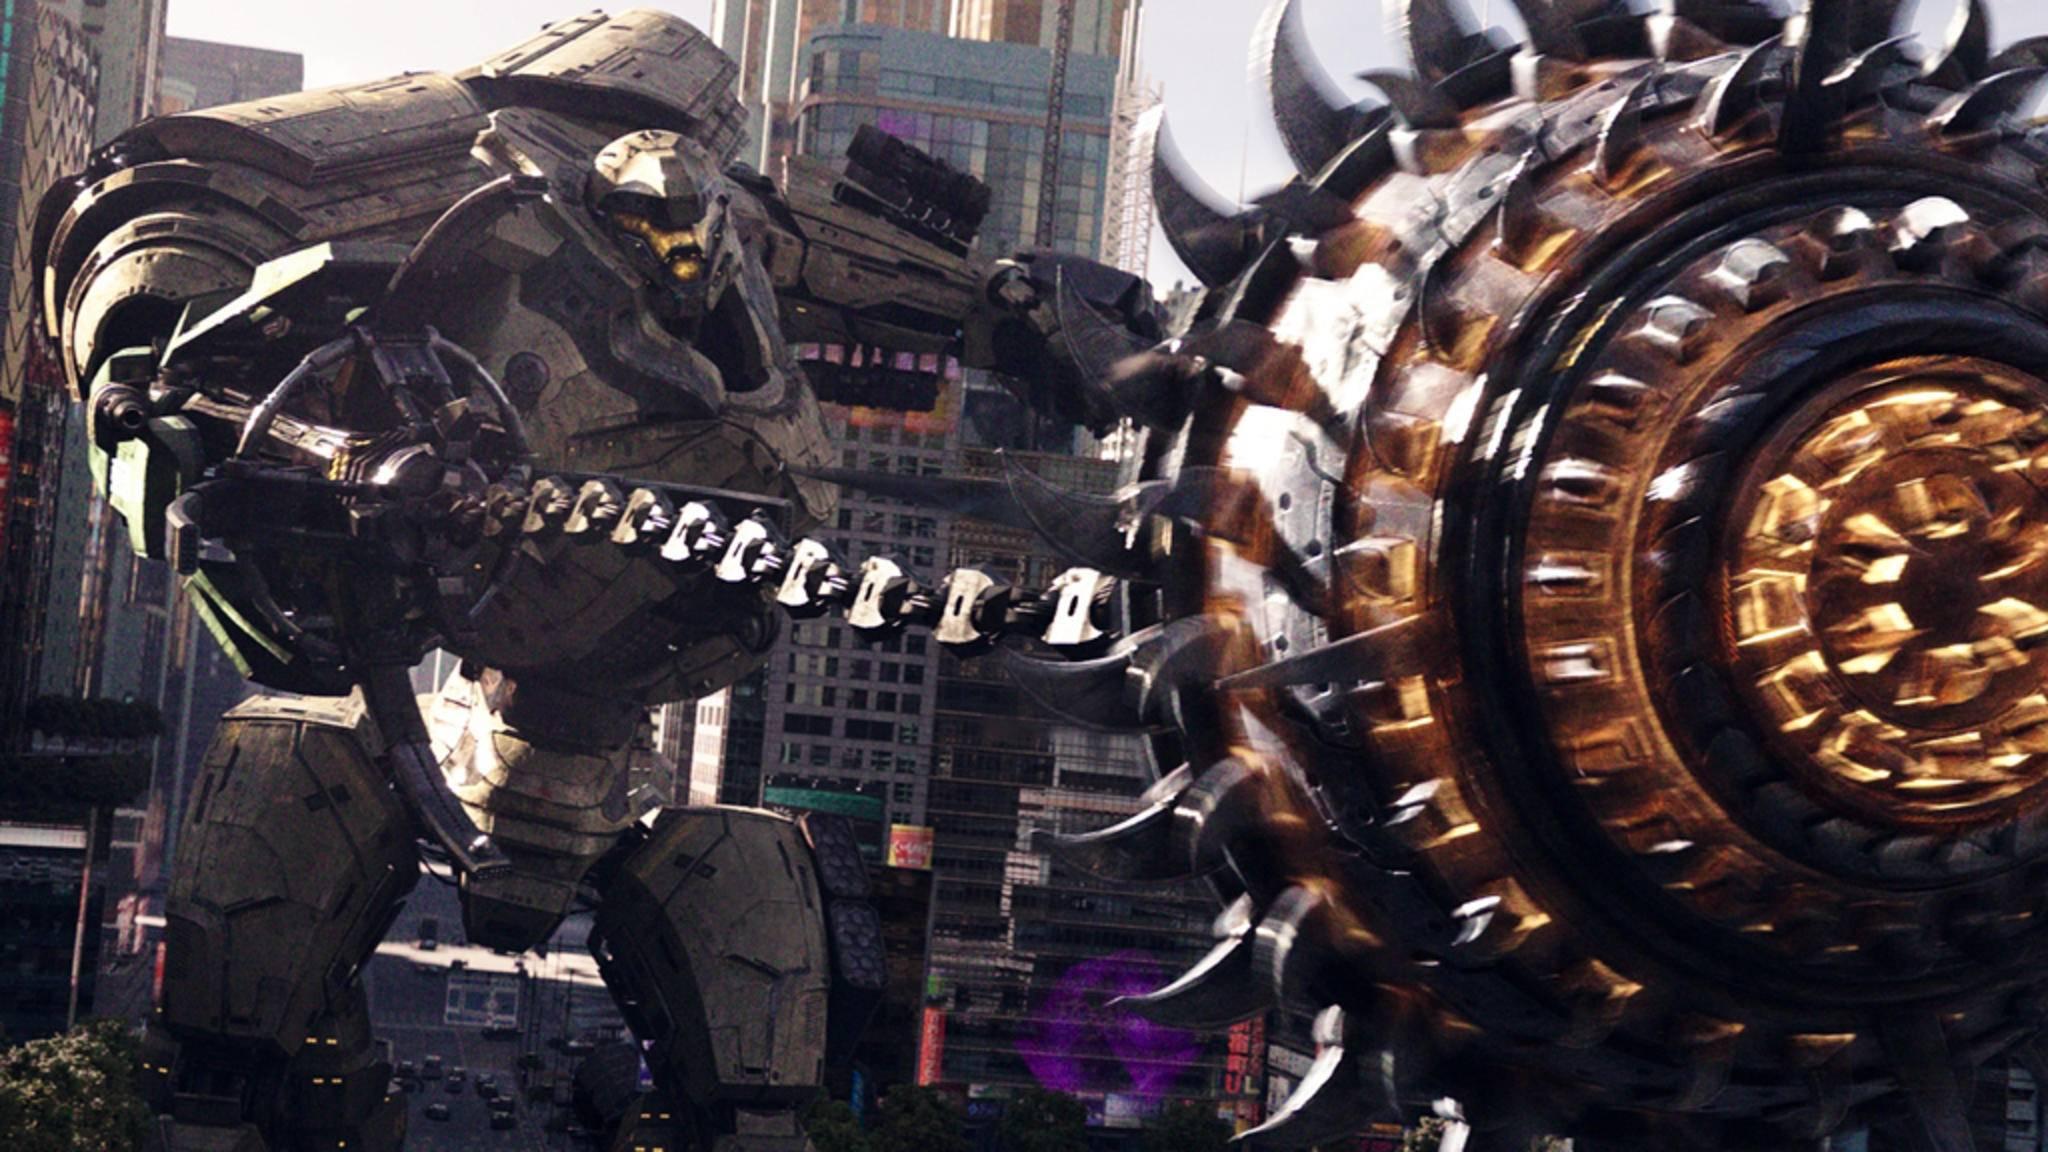 2018 sind die Kaiju wieder los – und die Jaeger samt ihrer menschlichen Piloten sind erneut gefragt.